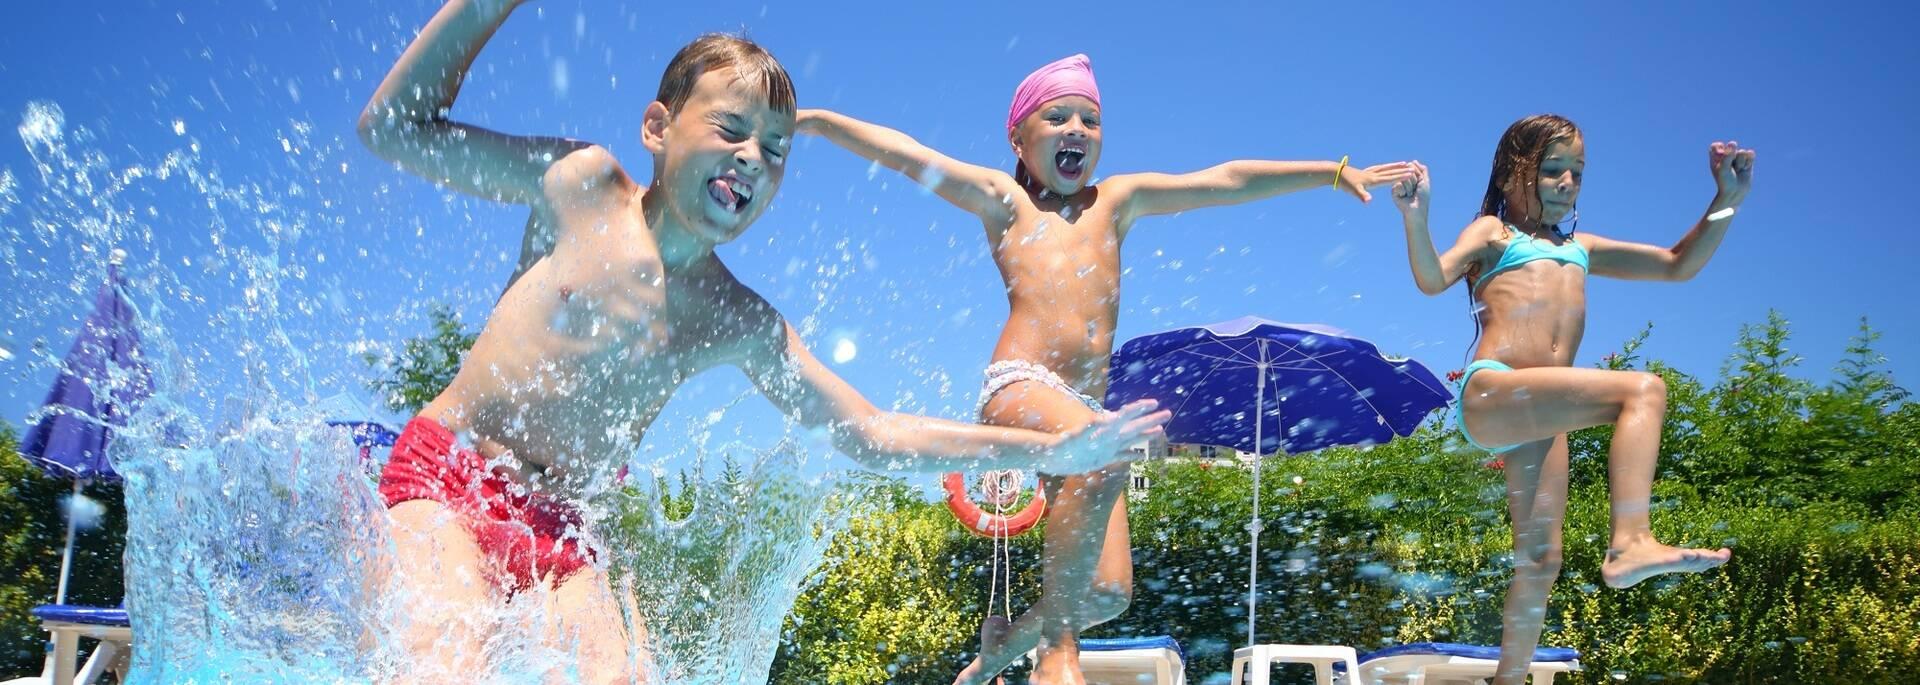 Enfants qui jouent dans la piscine du camping - ©Shutterstock